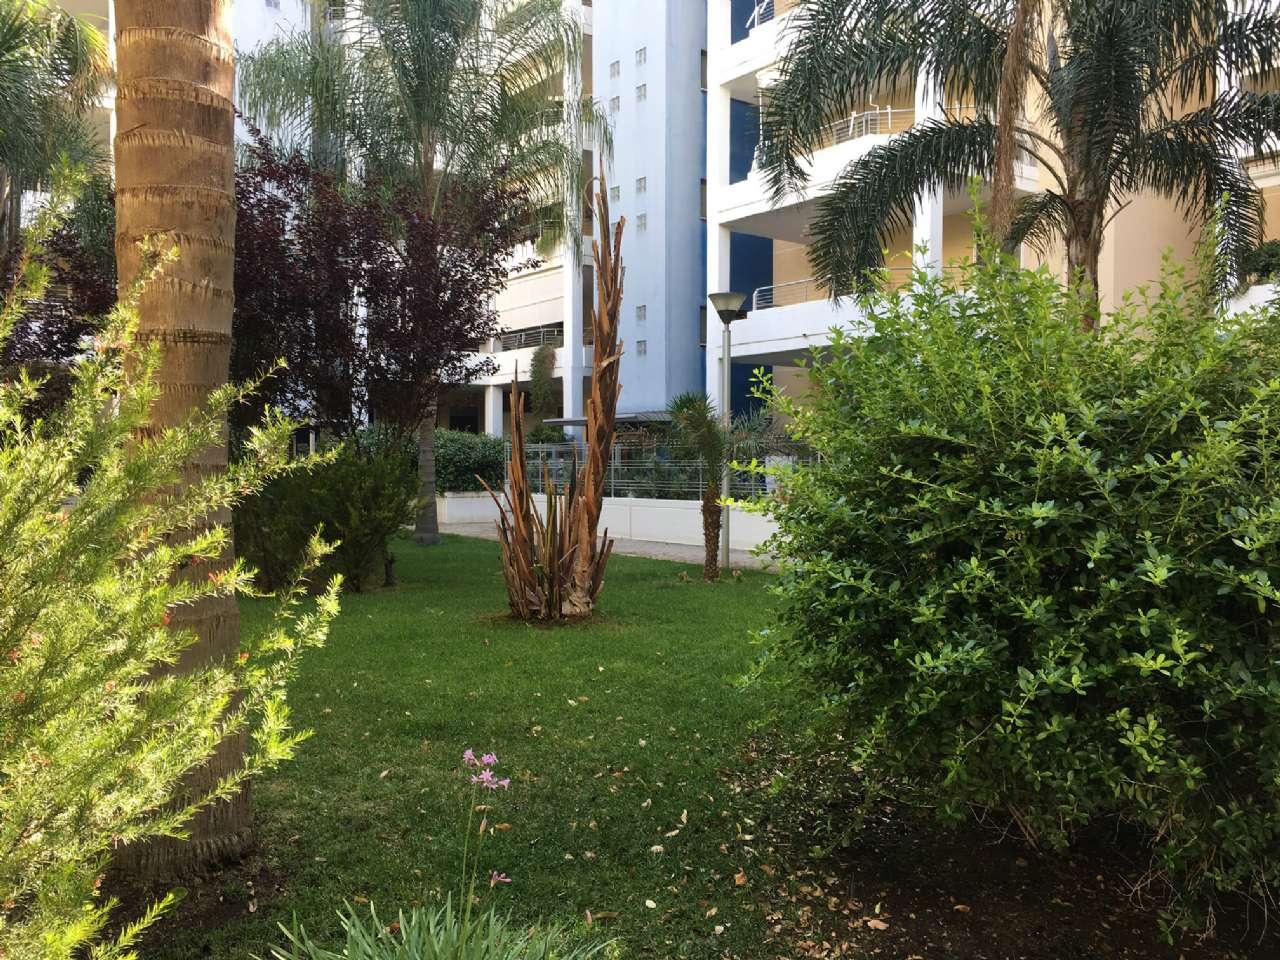 Appartamento in vendita a Modugno, 4 locali, prezzo € 198.000 | Cambio Casa.it